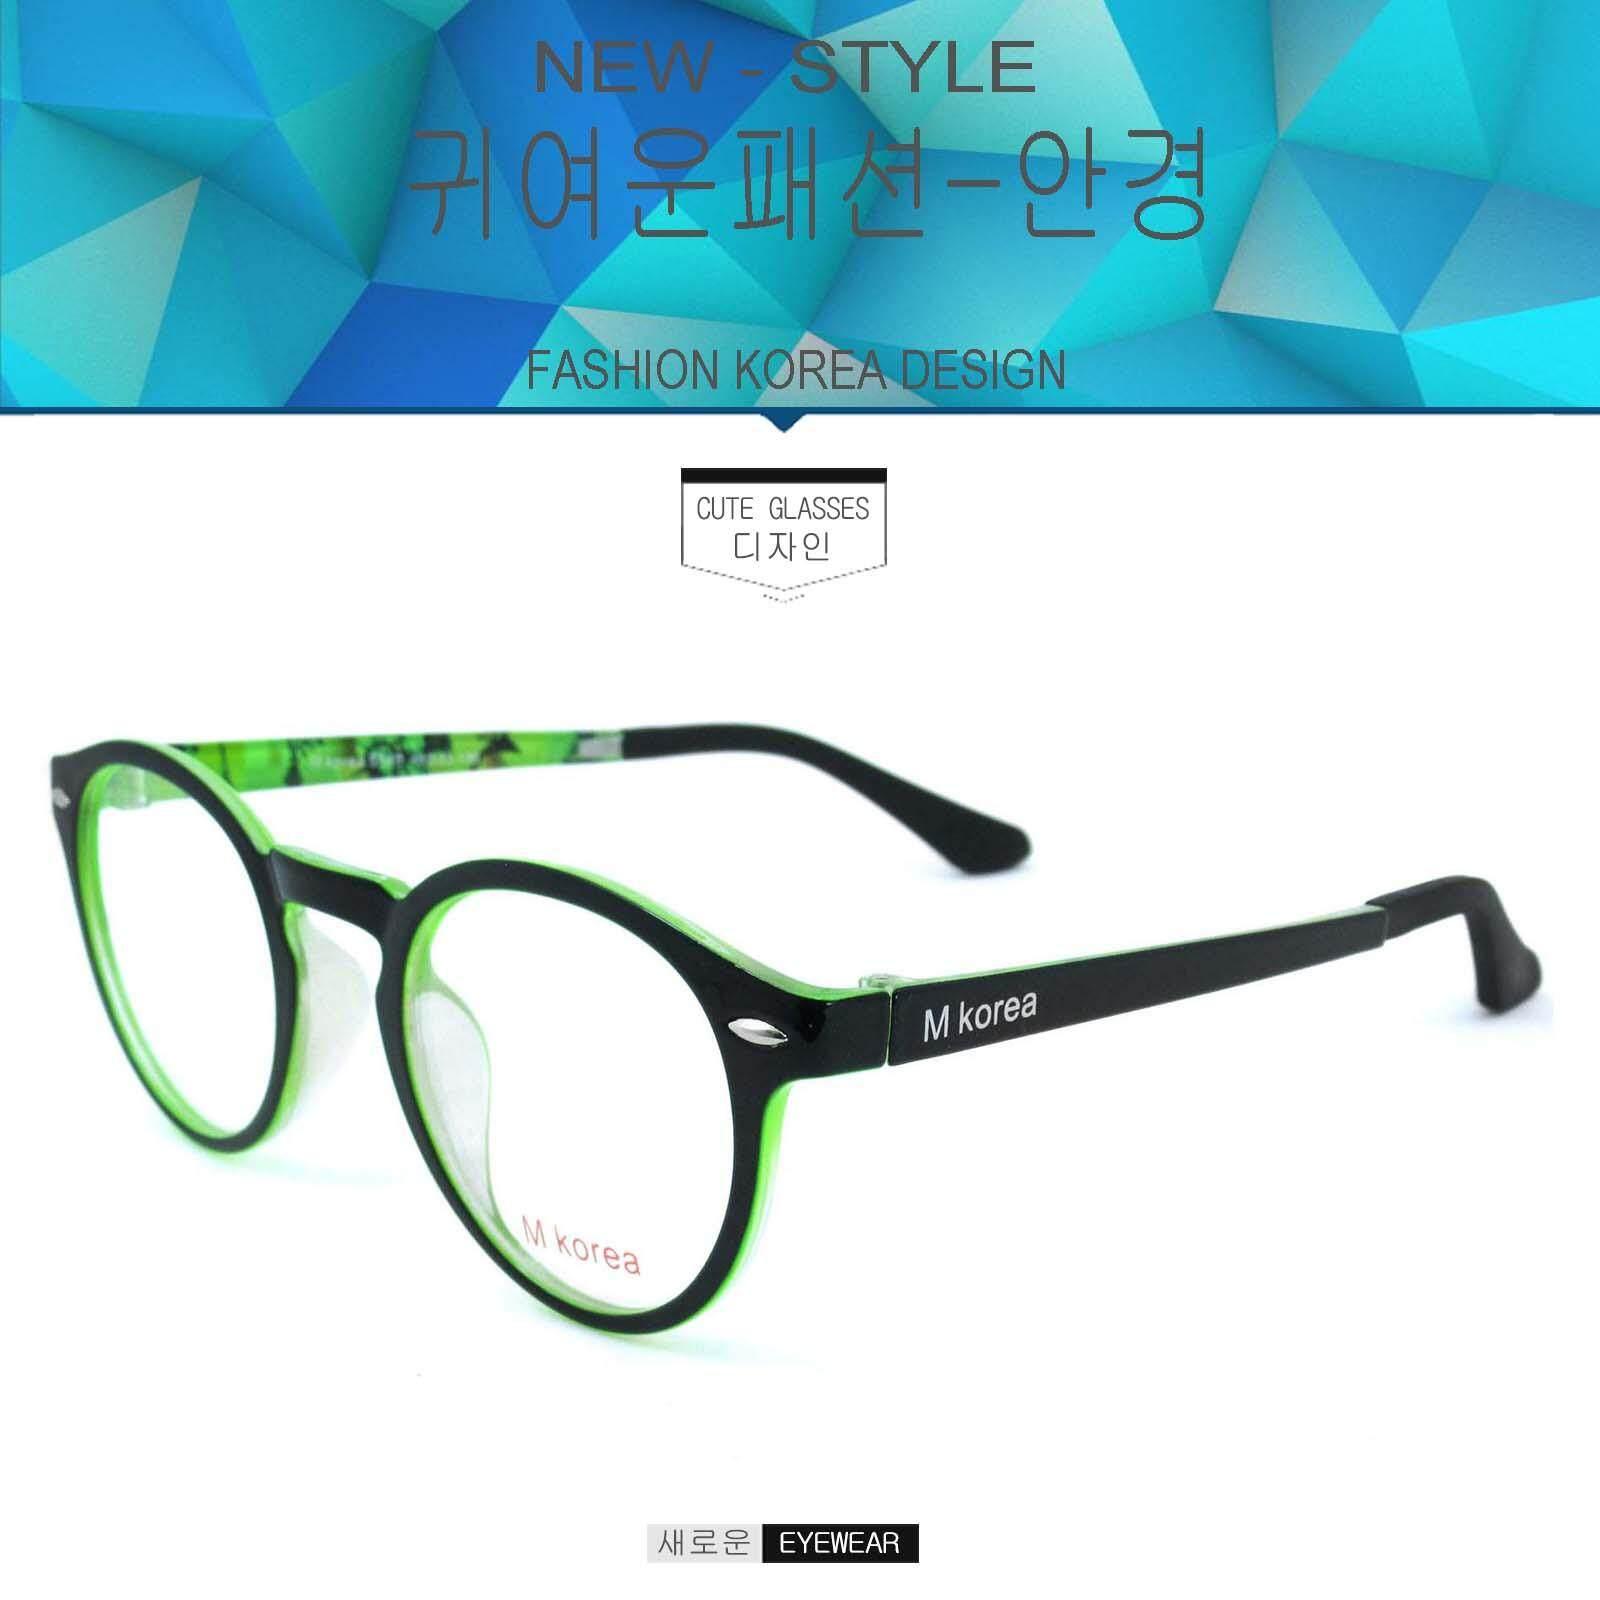 แว่นตาเกาหลี Fashion Korea แว่นตา รุ่น M Korea 5540 กรอบแว่นตา Eyeglass Frame แว่นตากรองแสงสีฟ้า ถนอมสายตา (กรองแสงคอม กรองแสงมือถือ) วัสดุ Pc ขาข้อต่อ Eyeweartop Glasses By Big See.